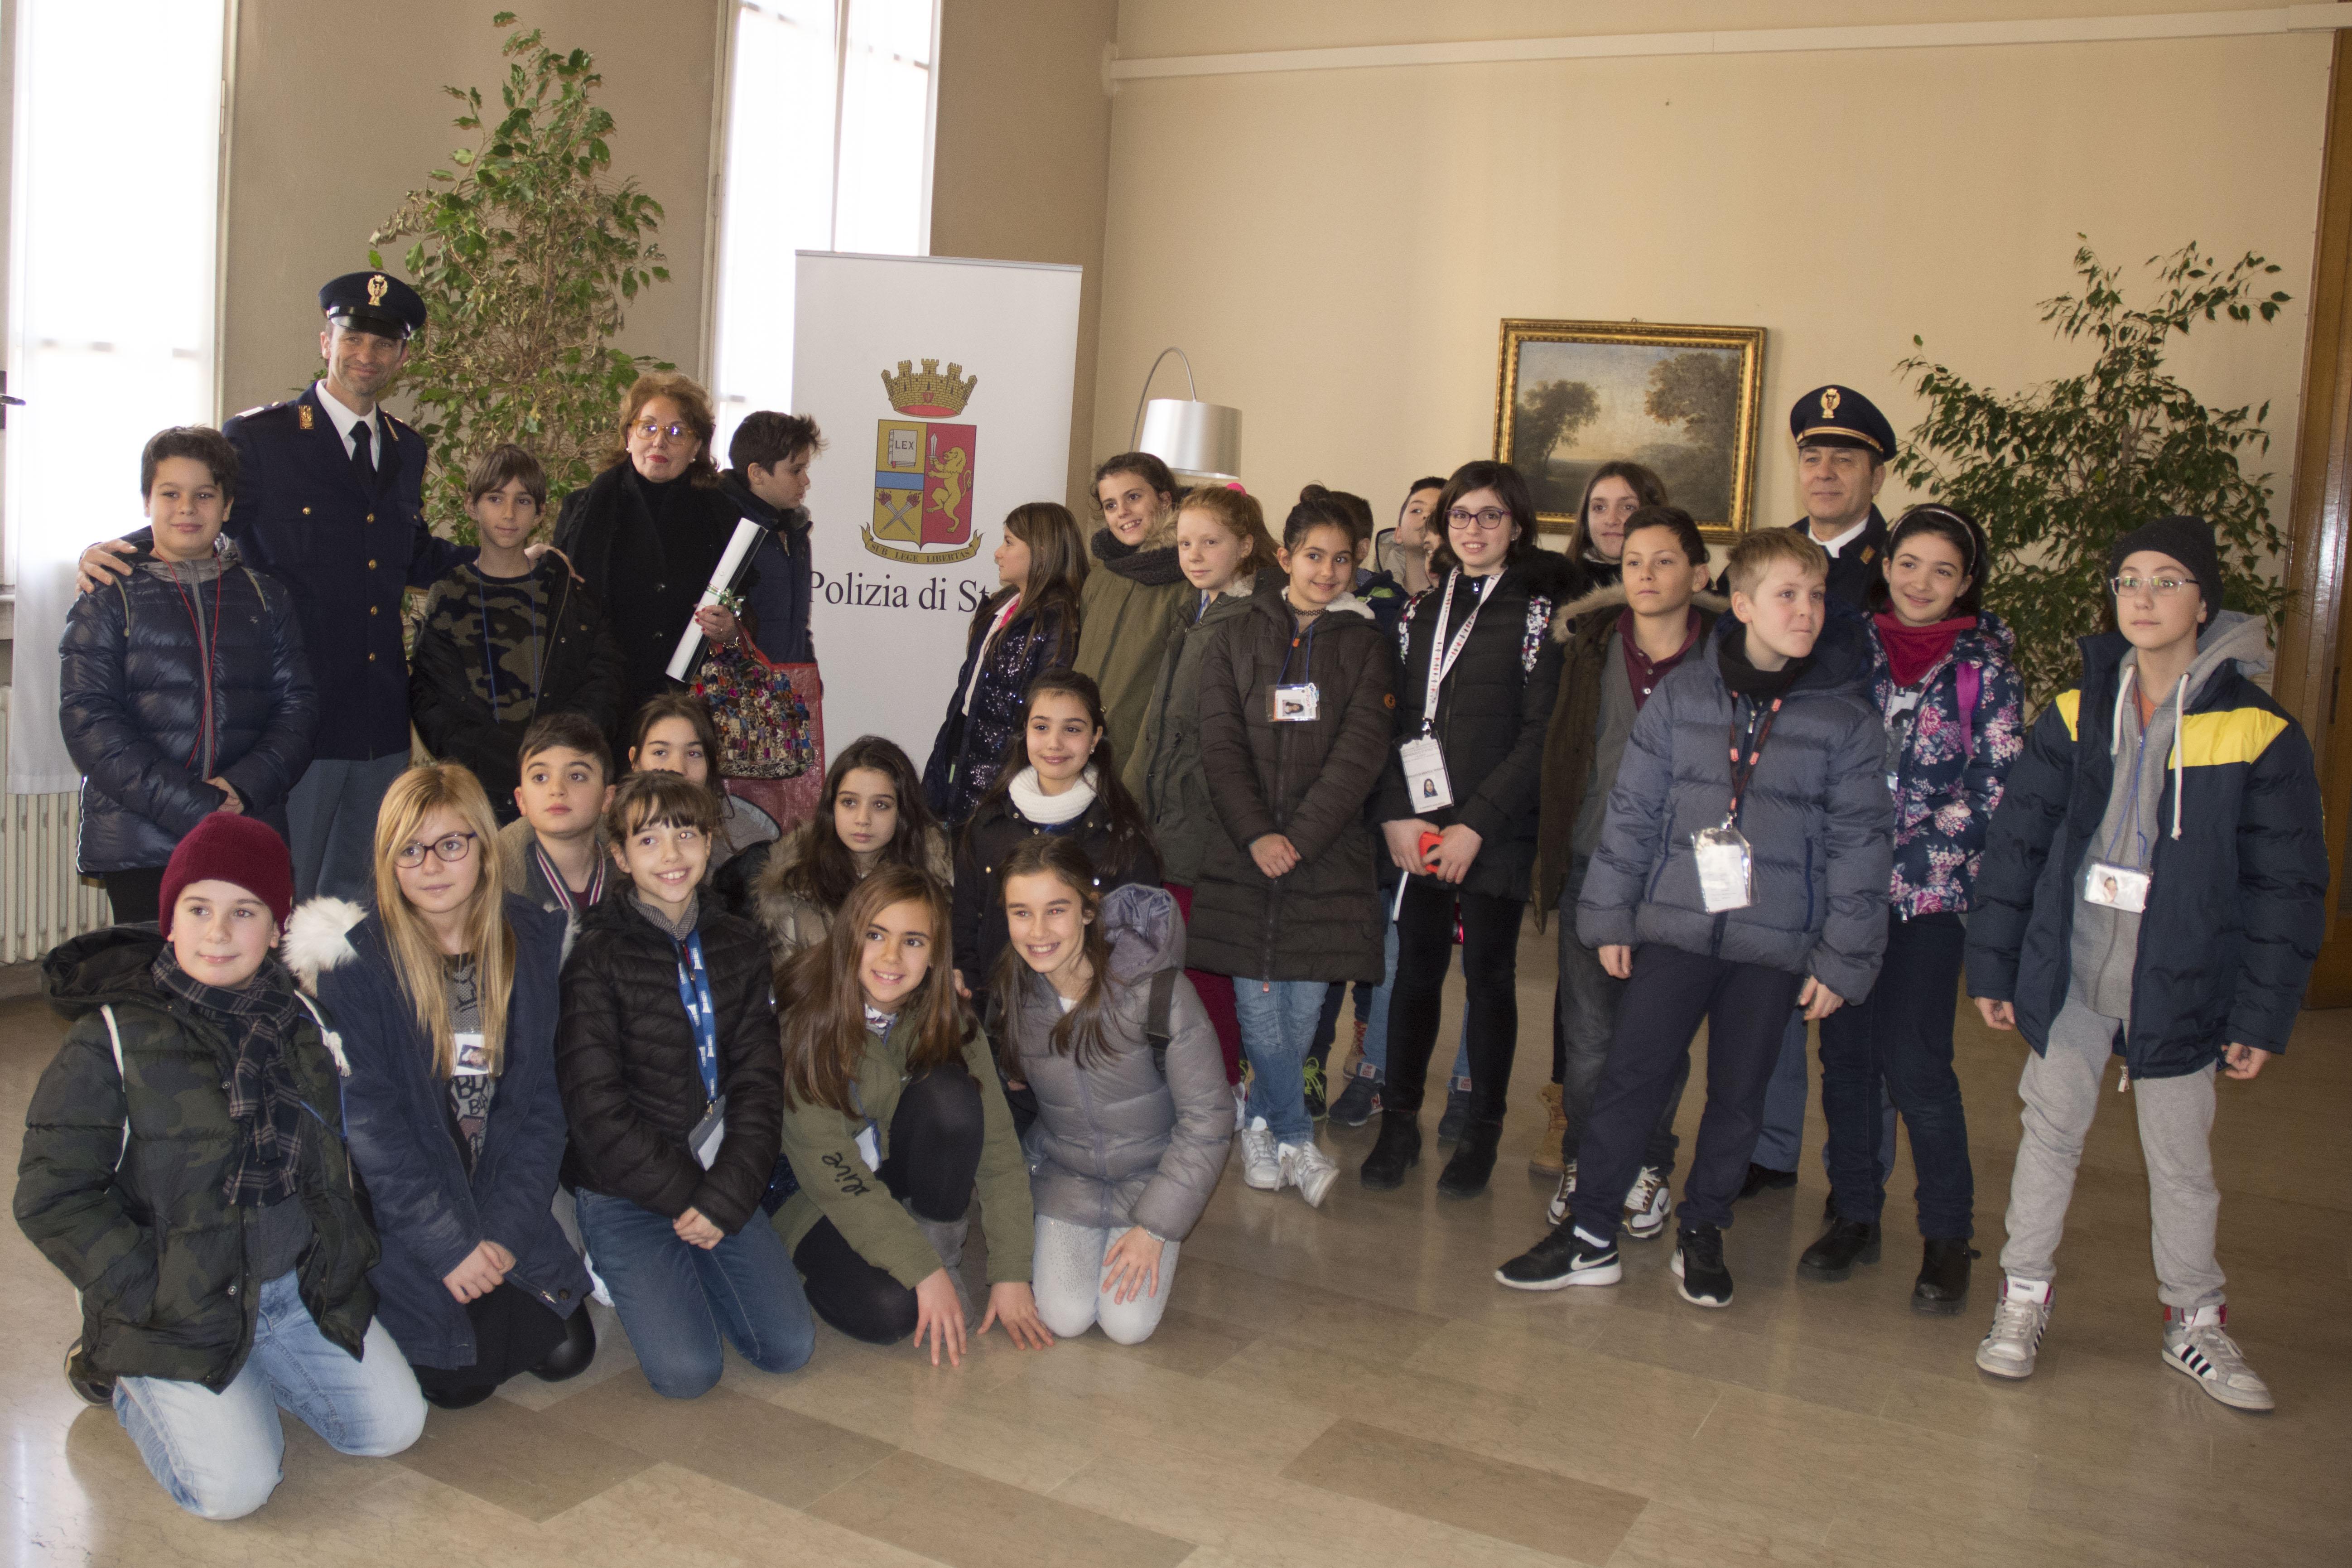 Polizia di Stato - Questure sul web - Ferrara